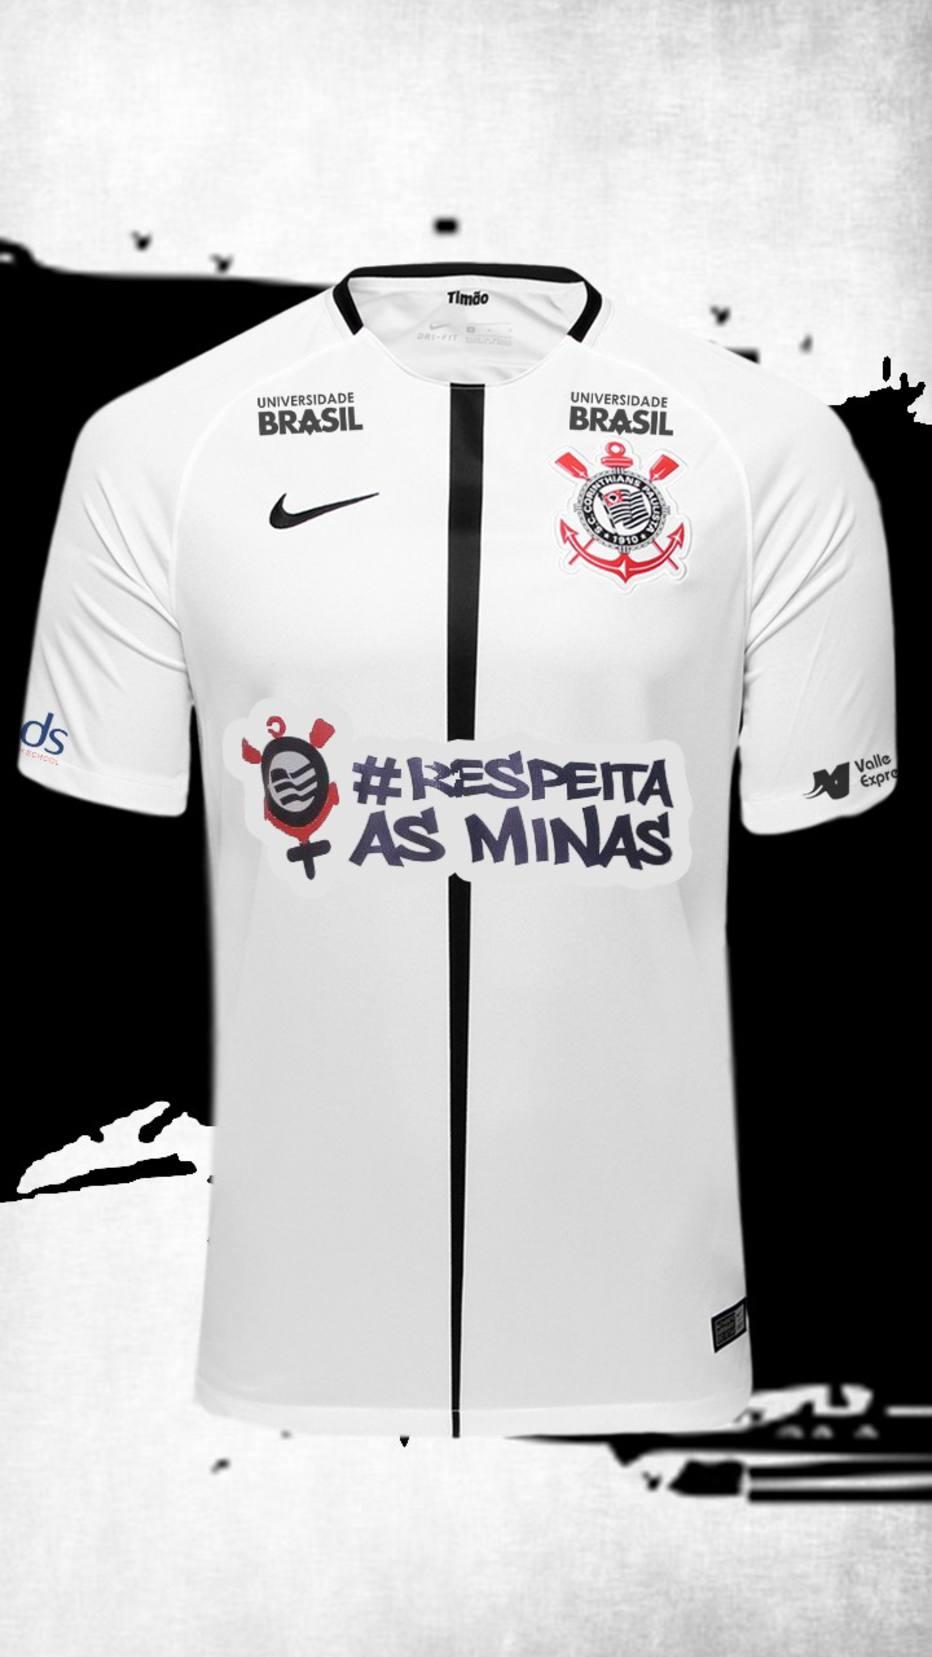 RespeitaAsMinas  Corinthians prepara ação para o Dia da Mulher ... e89525563ab34